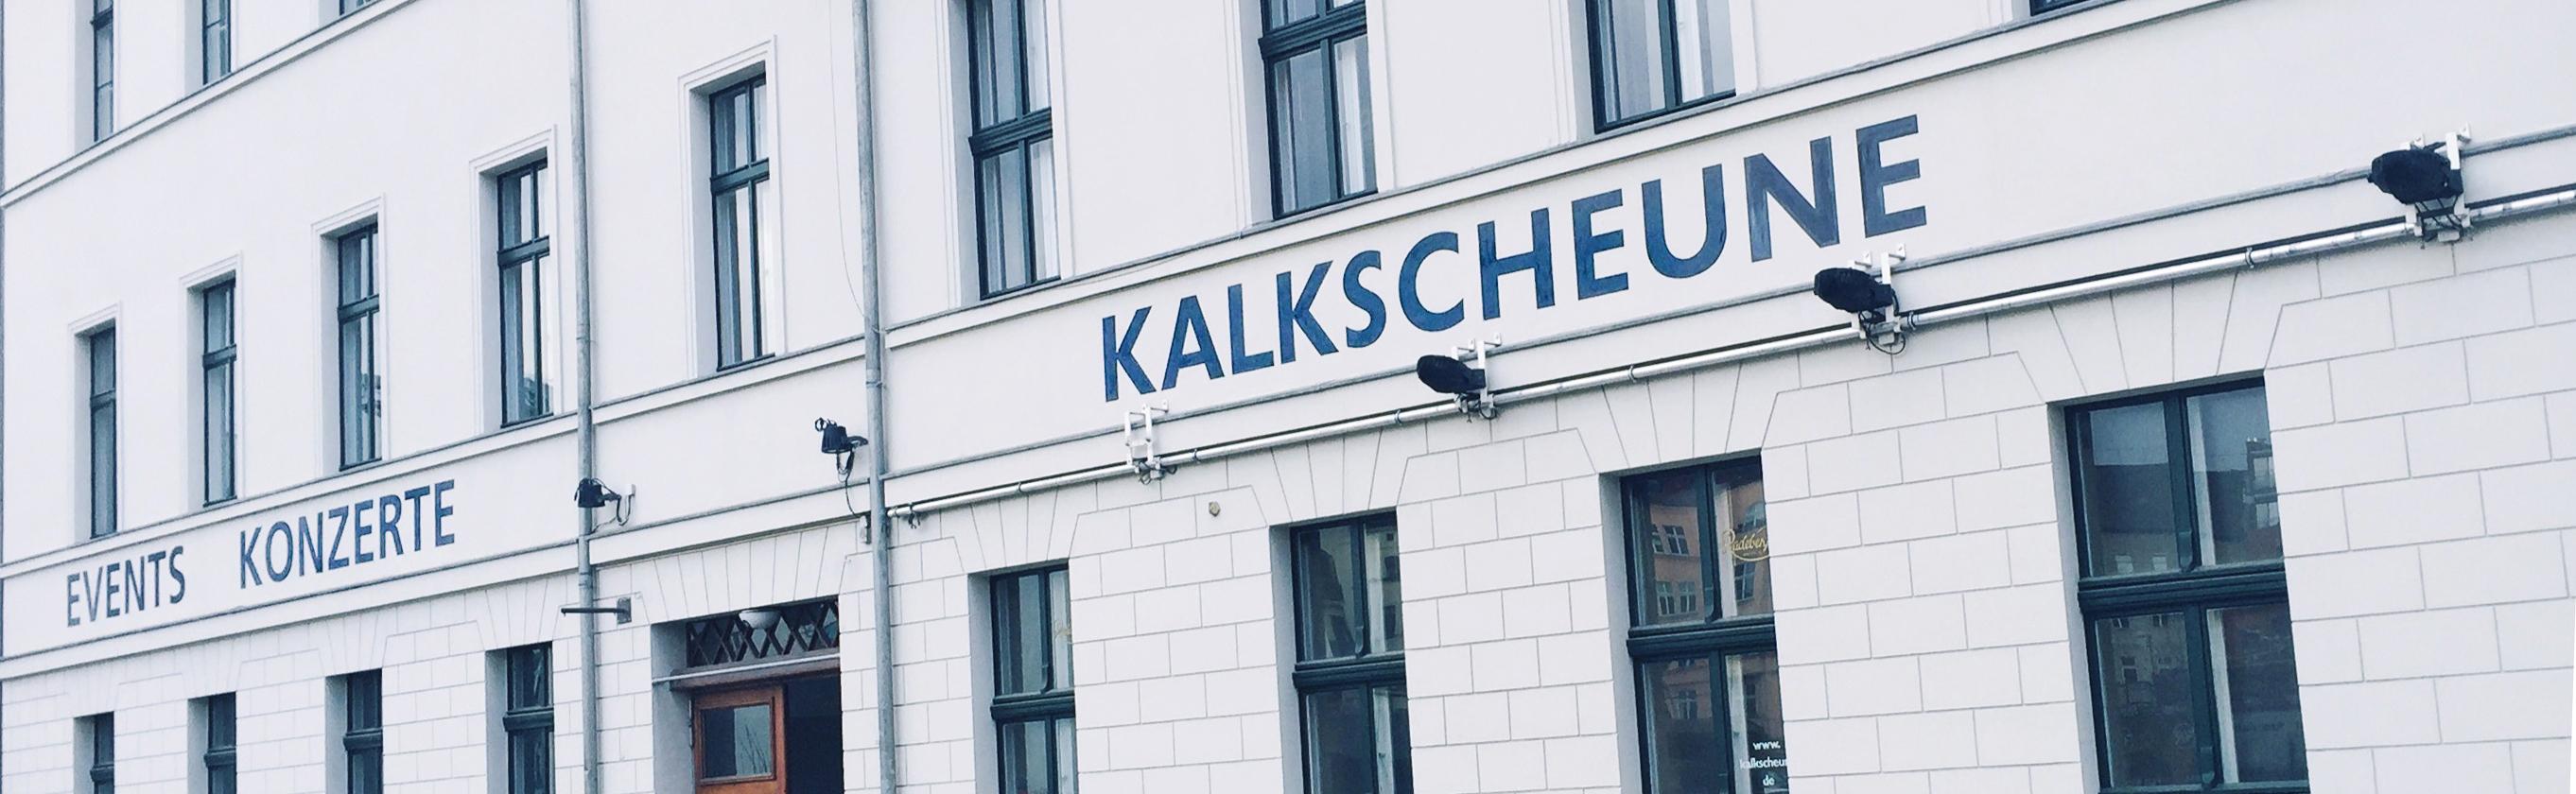 Kalkscheunen-Blog